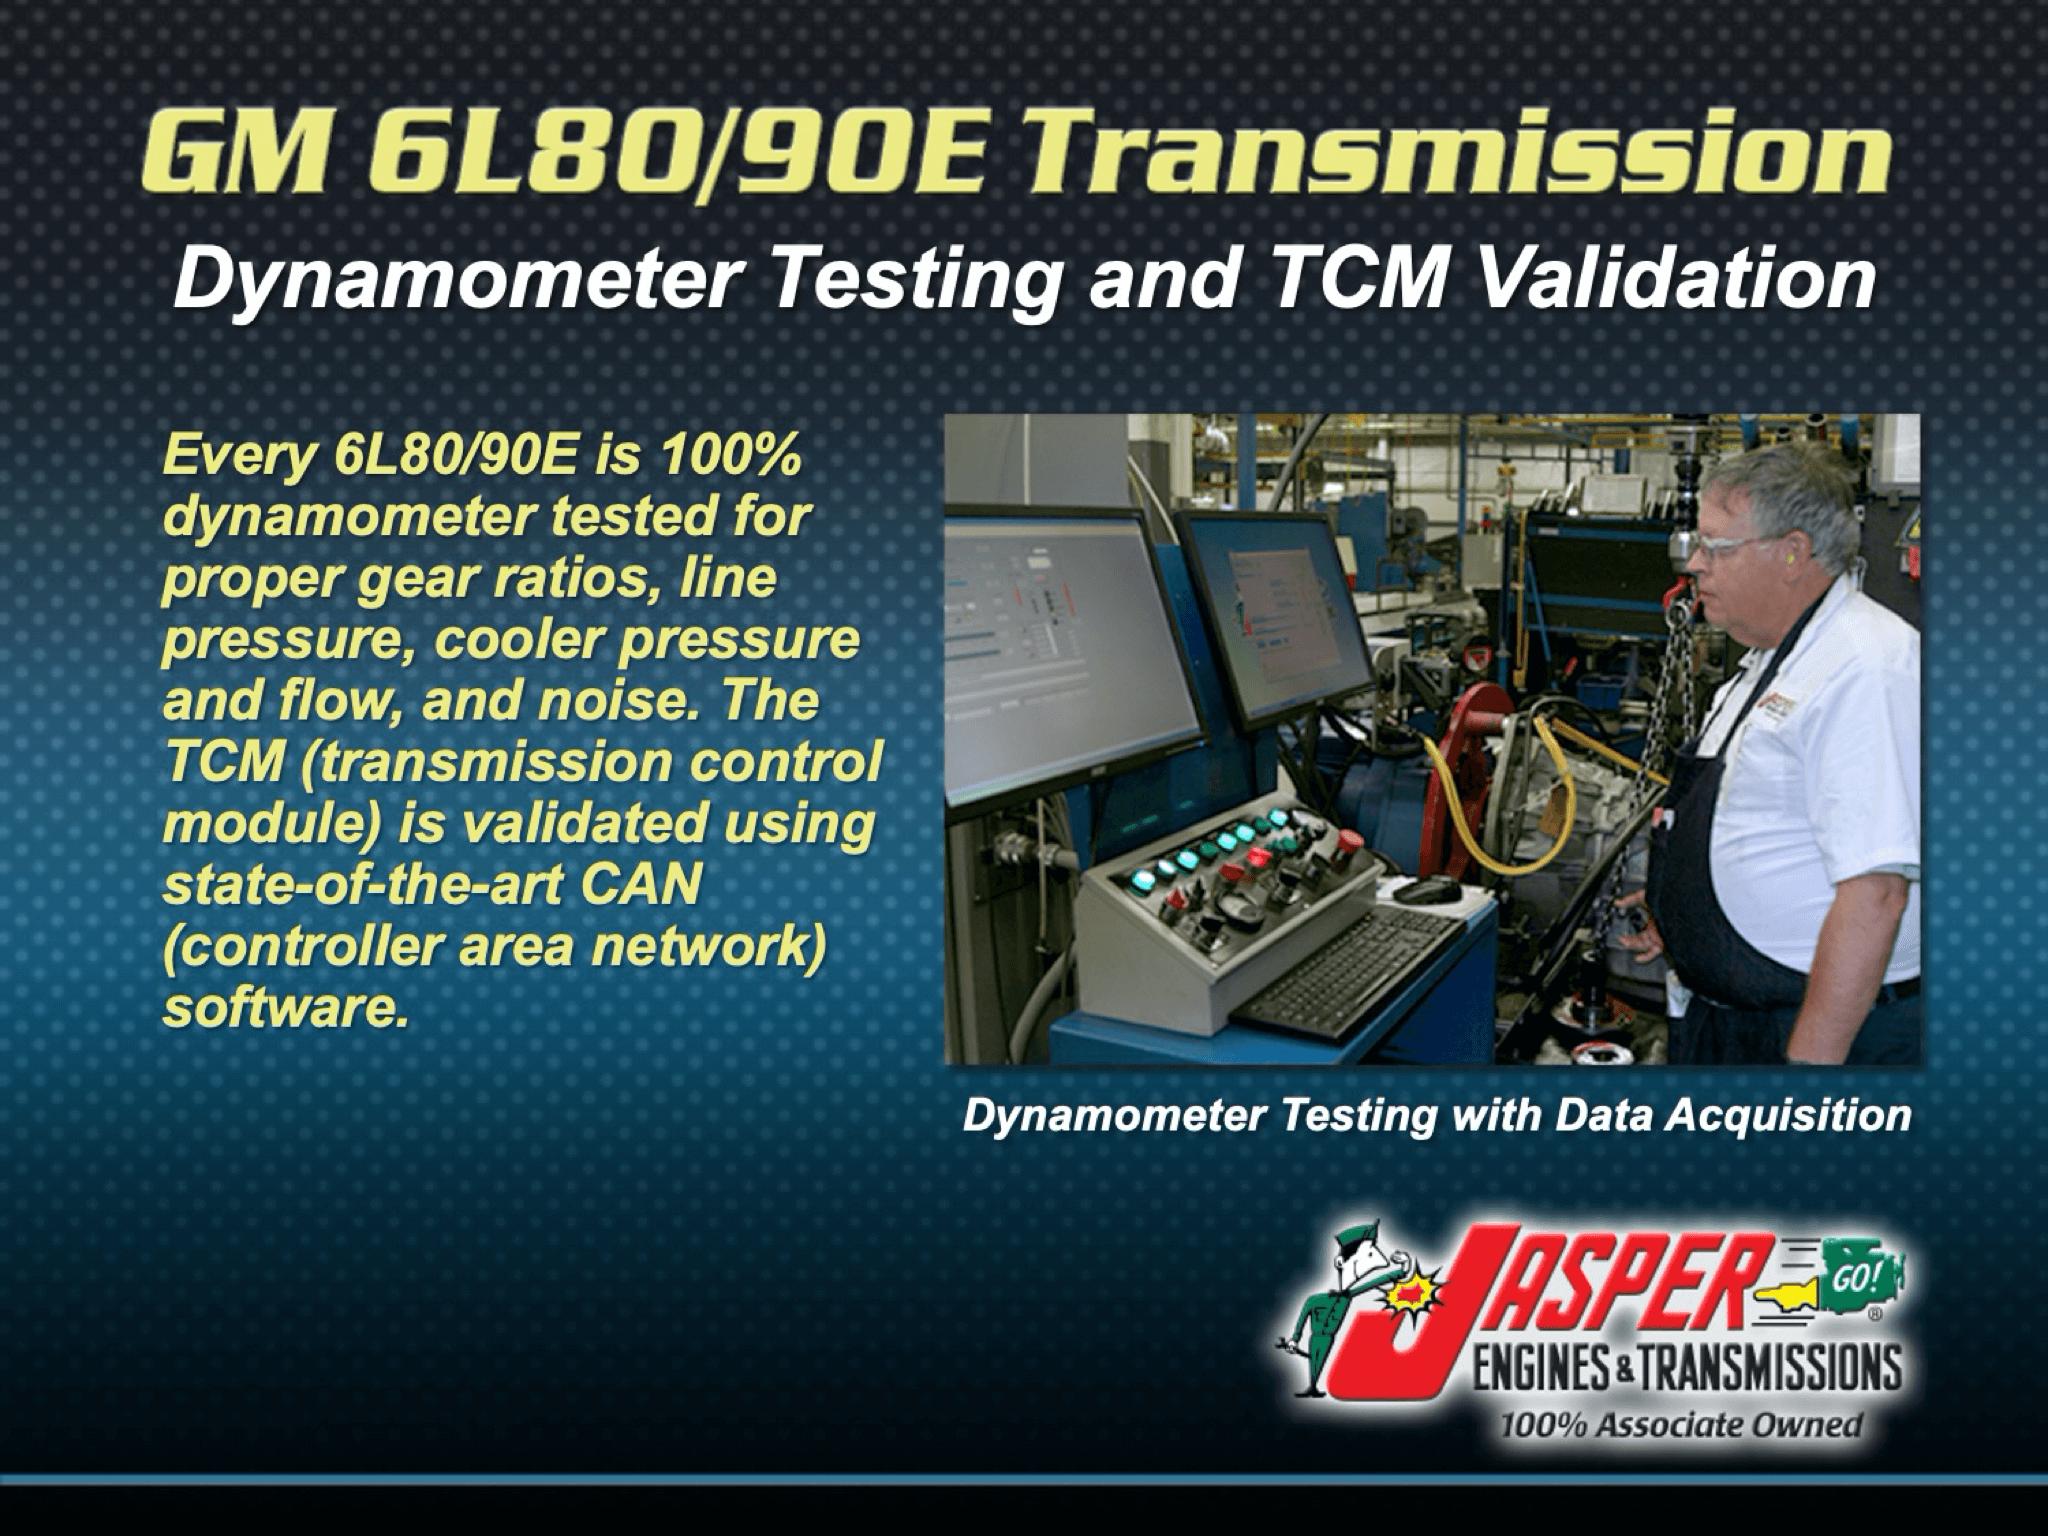 GM 6L80/90E Transmissions